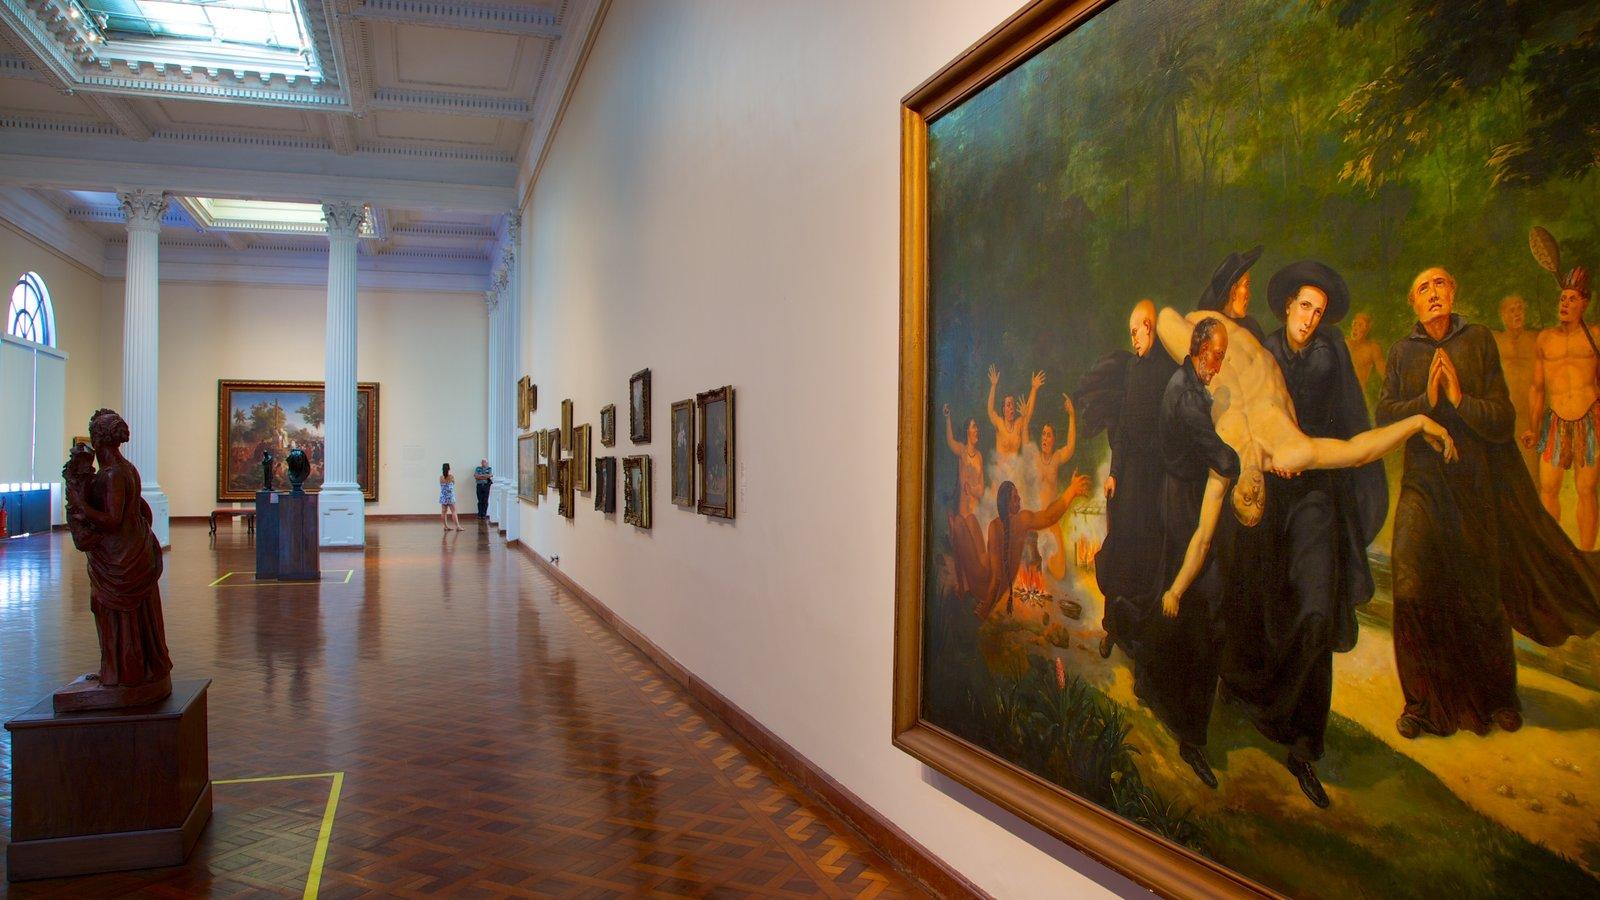 Museu Nacional de Belas Artes mostrando vistas internas e arte